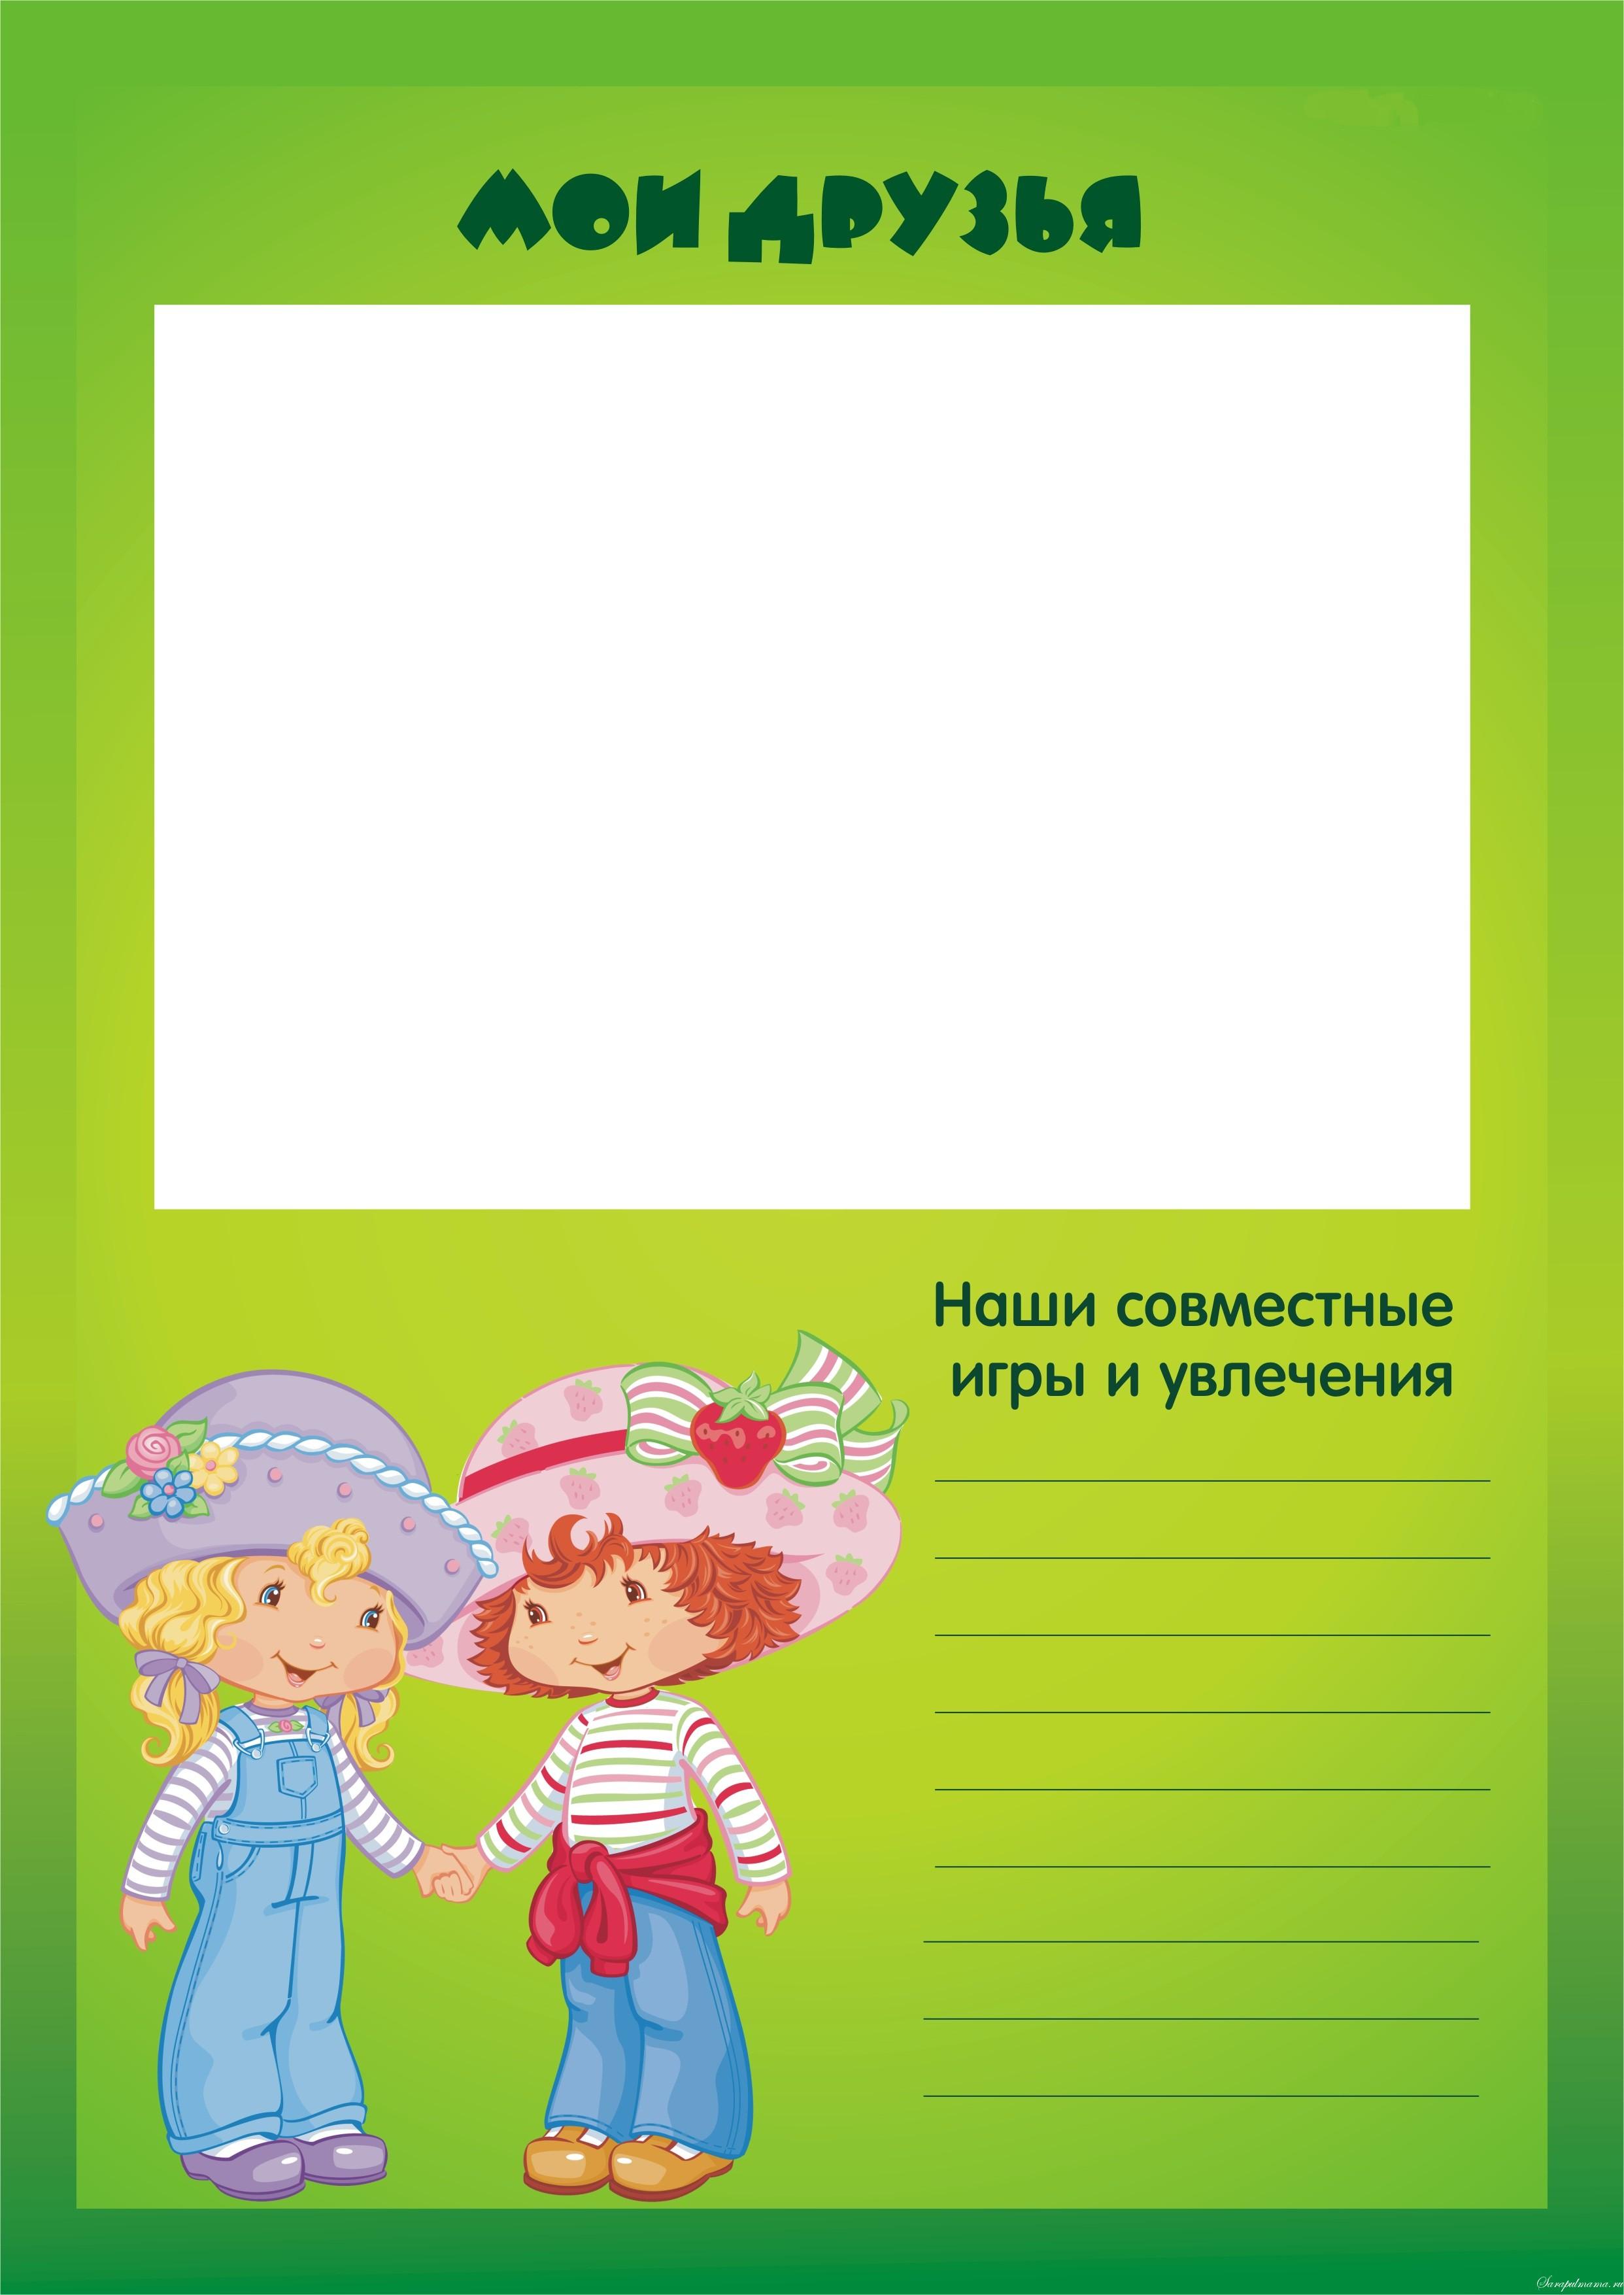 Детское портфолио для девочки в детский сад своими руками 115